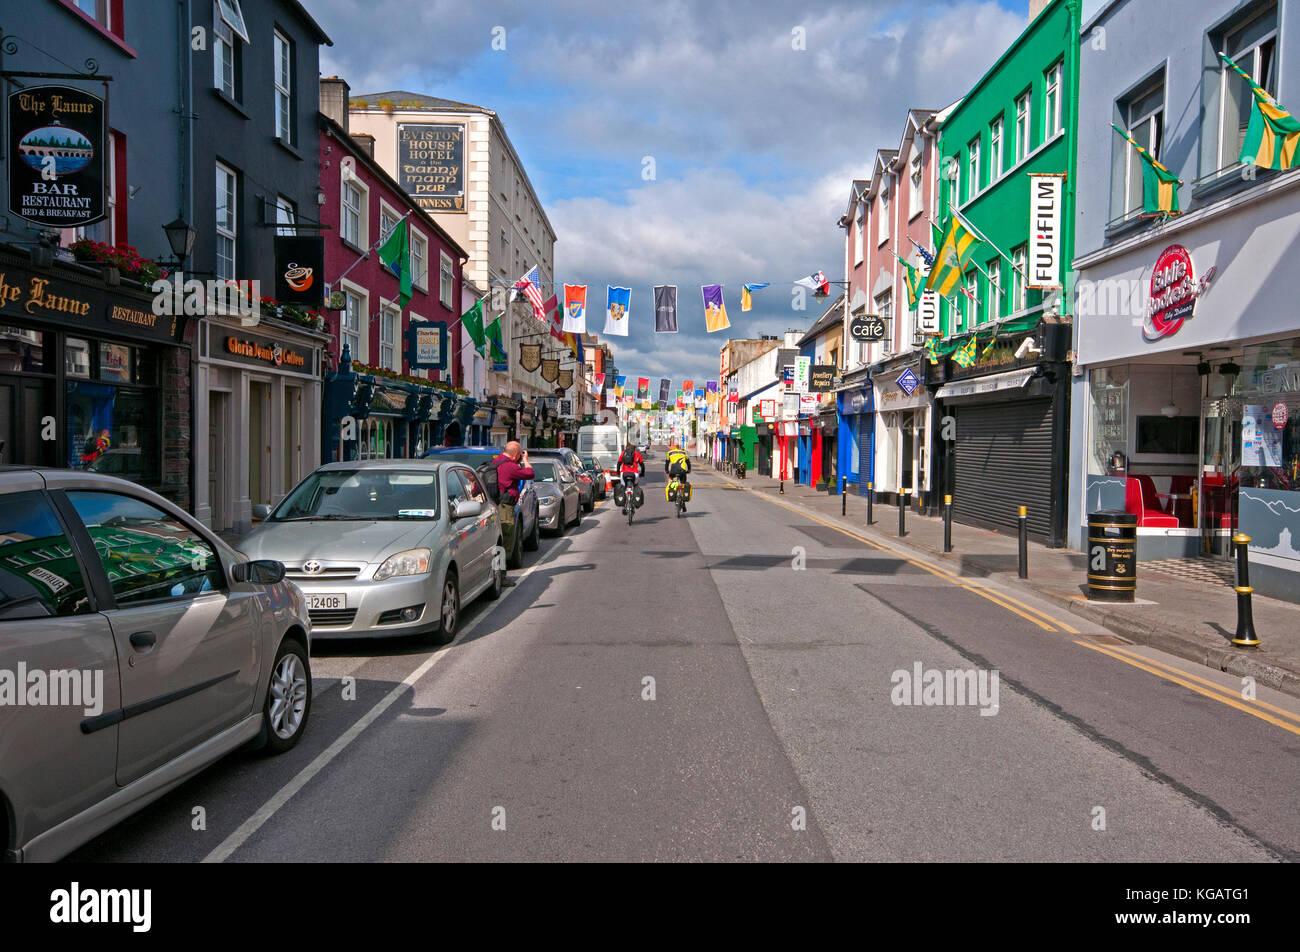 Shangri-La, Killarney, Ireland - kurikku.co.uk